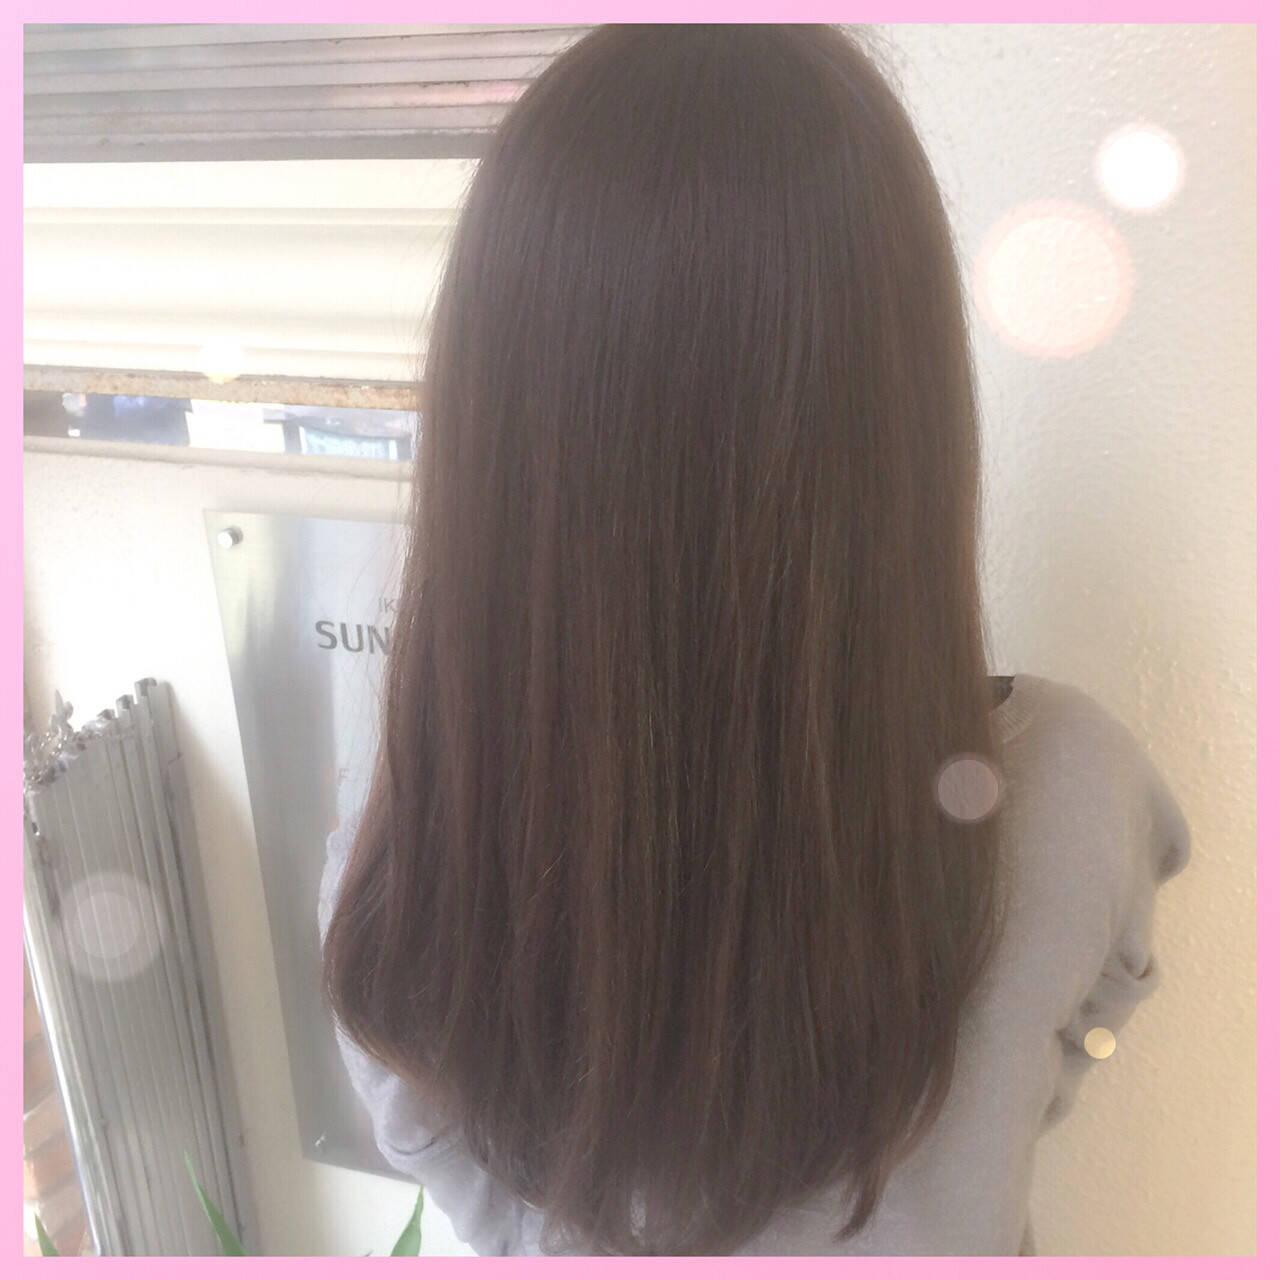 外国人風 ハイライト 暗髪 アッシュヘアスタイルや髪型の写真・画像